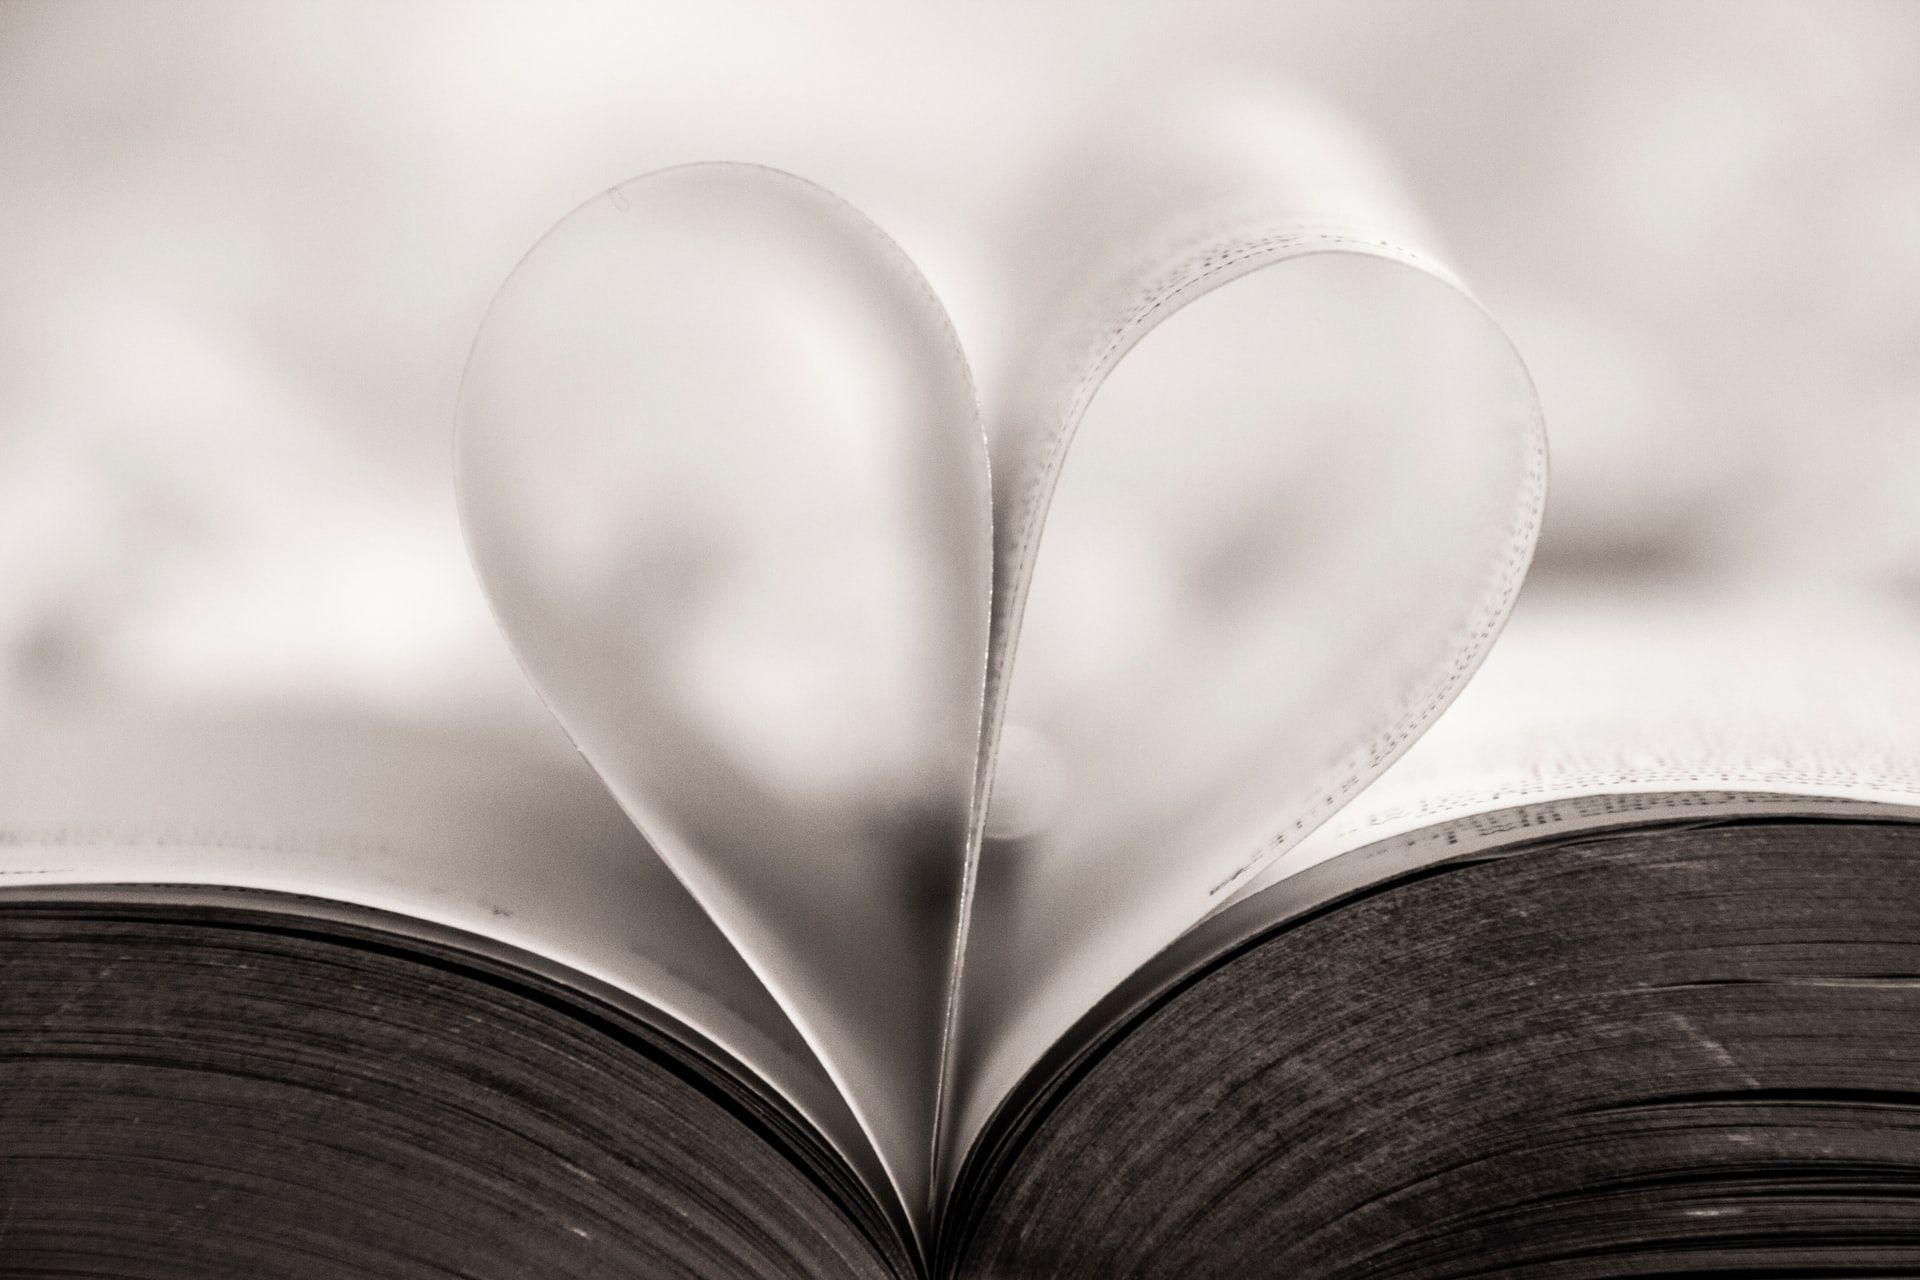 Księga gości na wesele - niebanalna pamiątka, czy niepotrzebny gadżet?